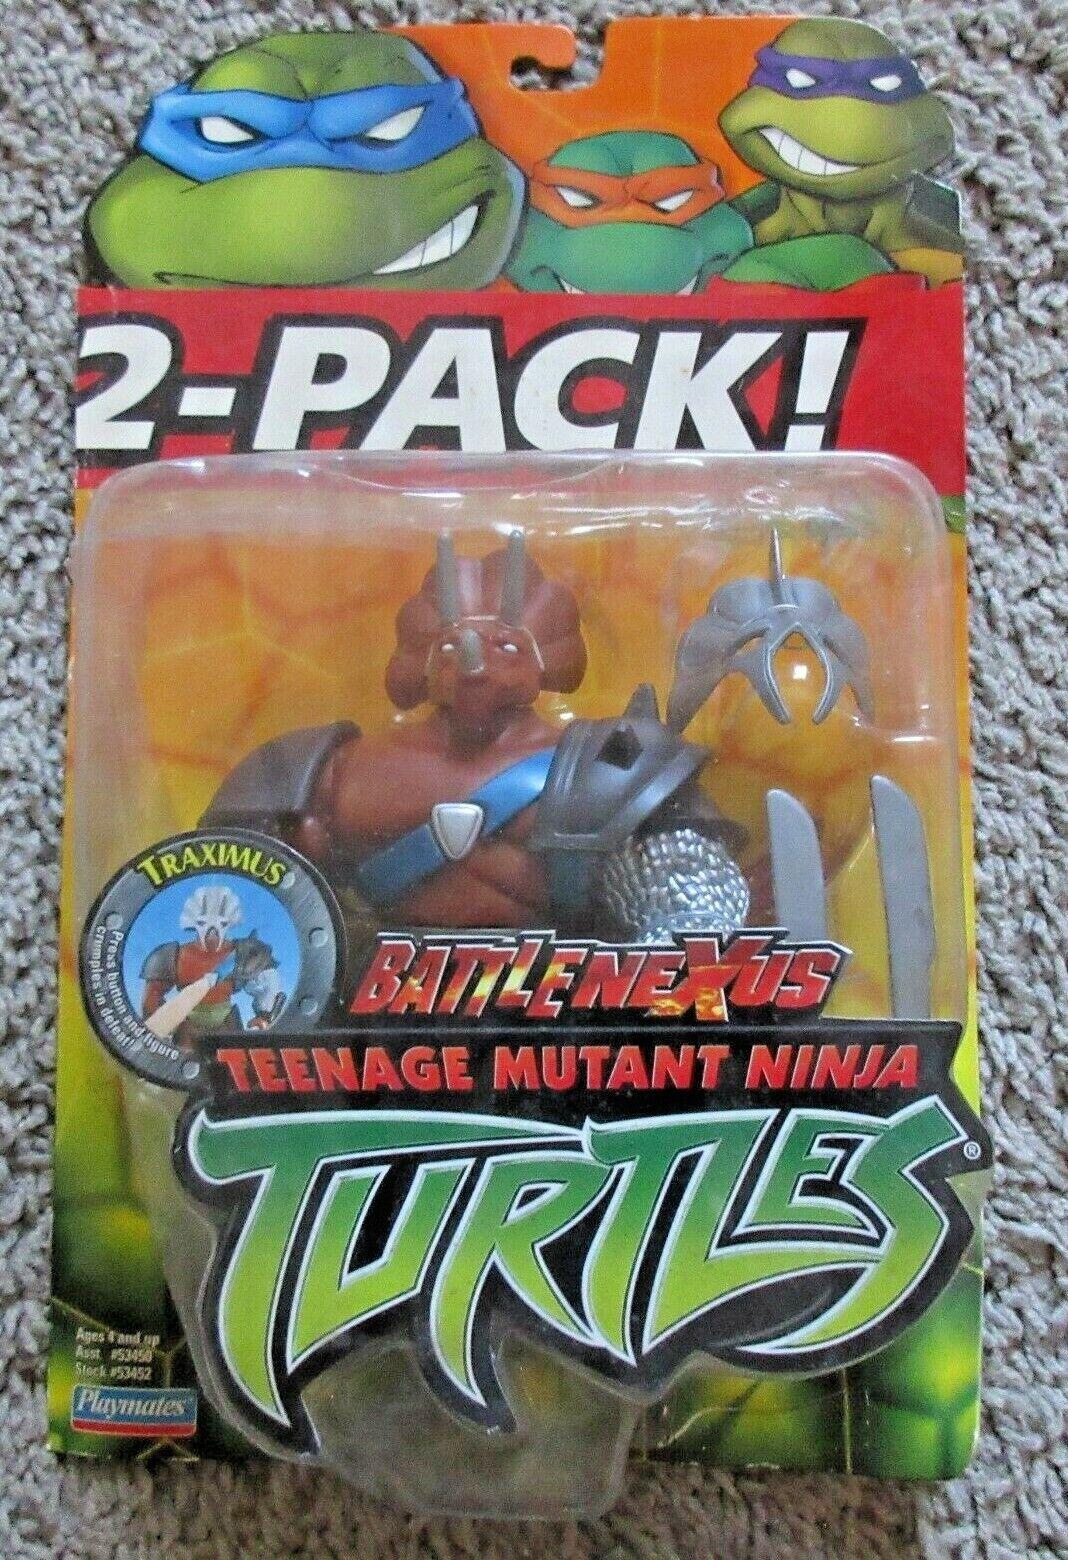 TEENAGE MUTANT NINJA TURTLES TRAXIMUS TMNT 2004 2002 03 05 06 SERIES TRICERATON